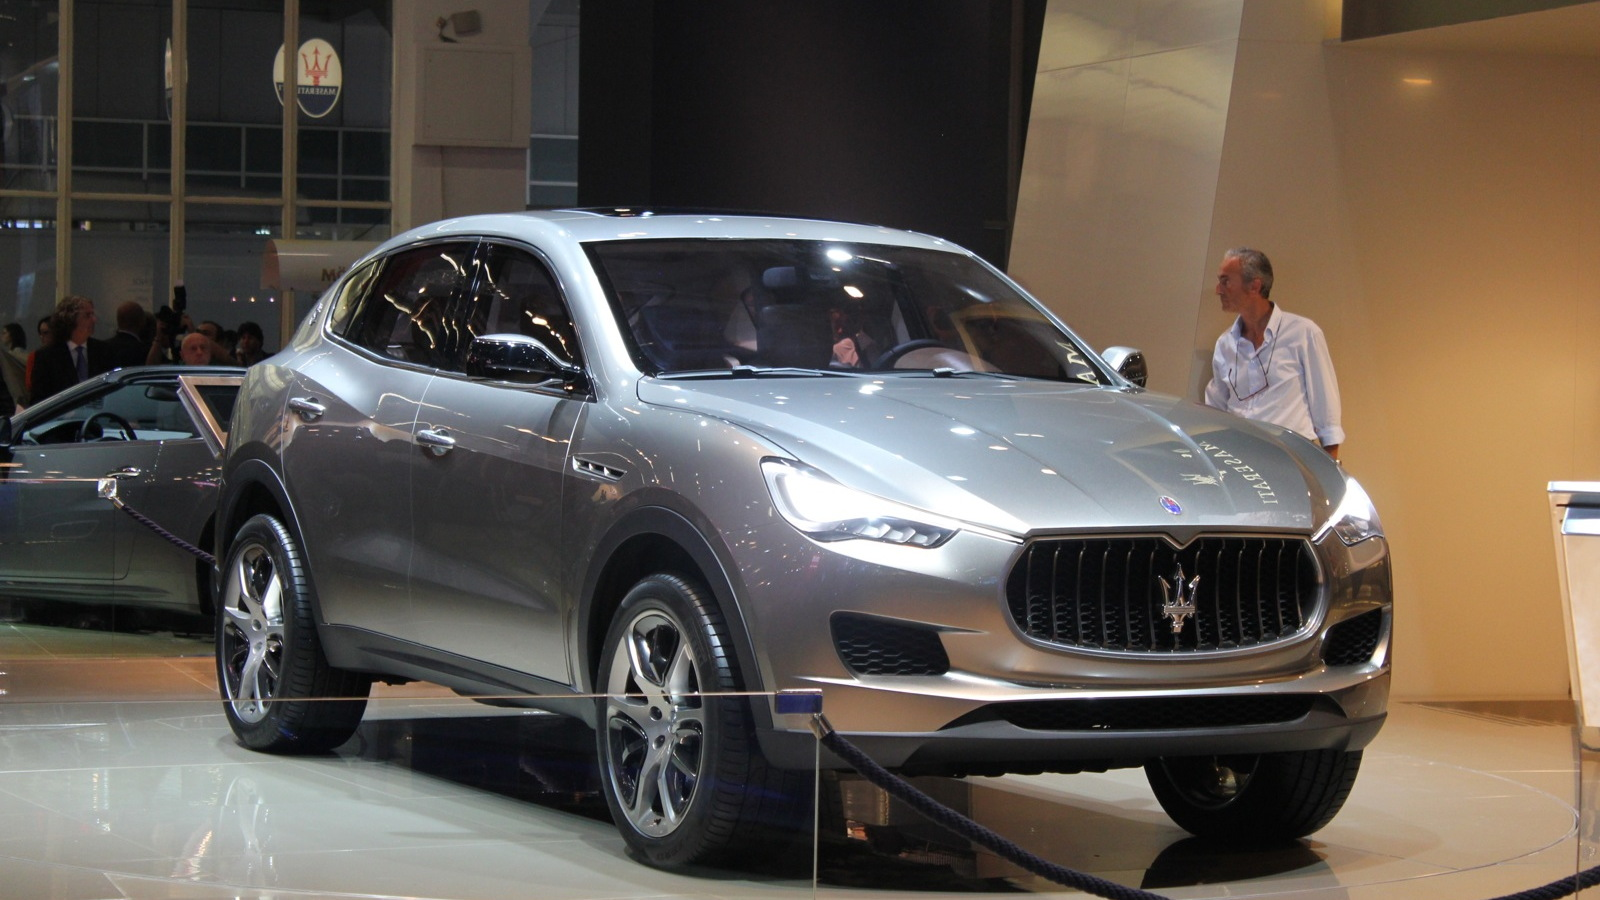 2012 Maserati Kubang